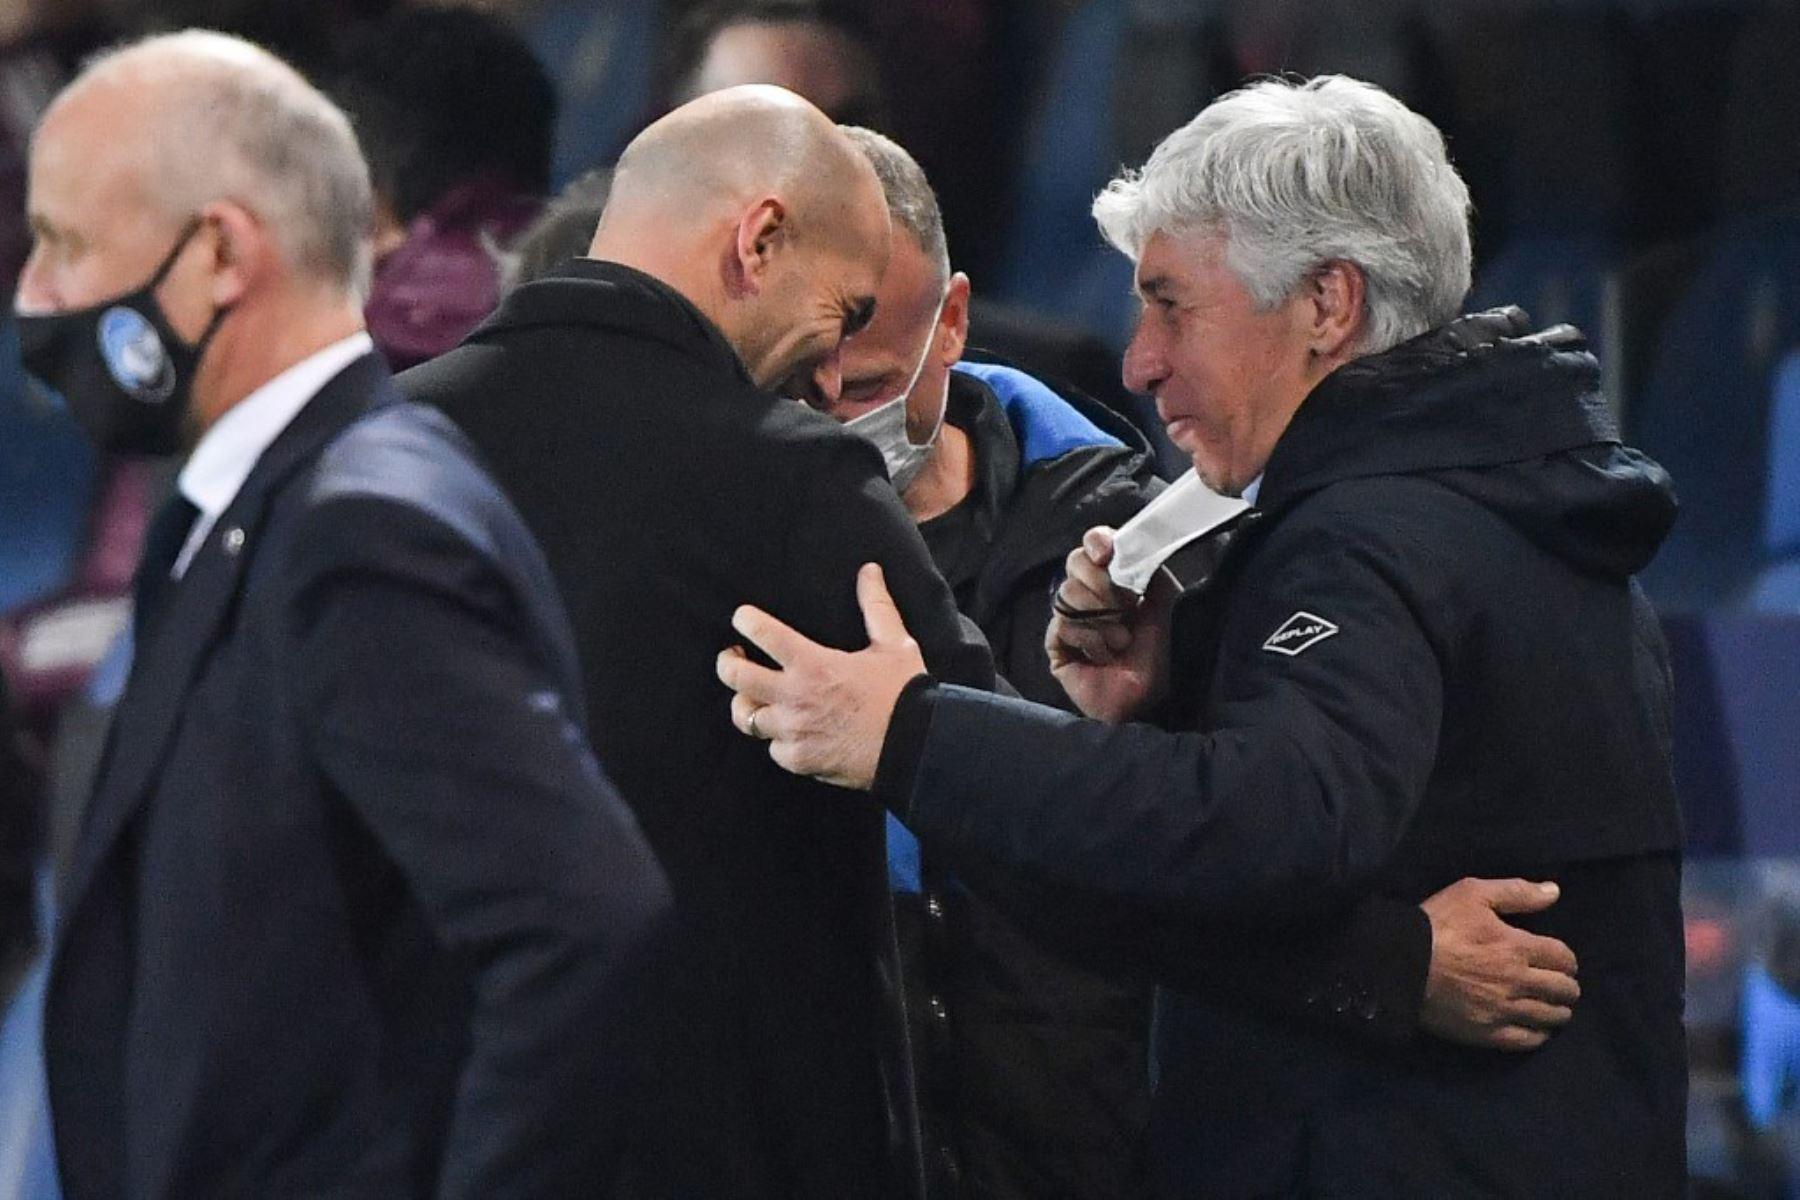 El entrenador francés del Real Madrid, Zinedine Zidane (C), y el entrenador italiano del Atalanta, Gian Piero Gasperini (R), se saludan antes del partido de ida de los octavos de final de la Liga de Campeones de la UEFA Atalanta vs Real Madrid  Foto:AFP